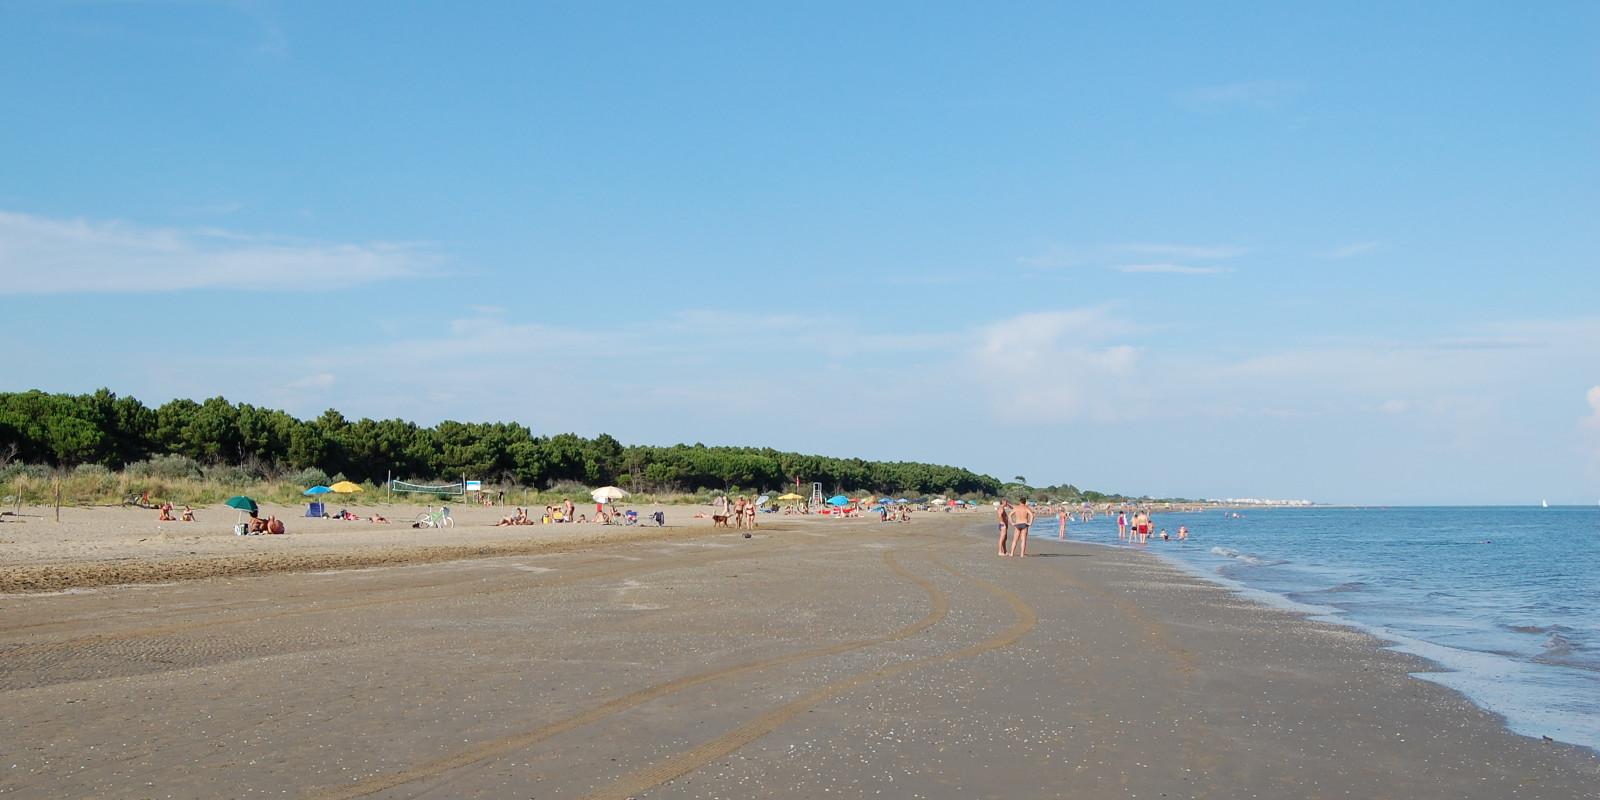 Spiaggia libera della Brussa, Caorle